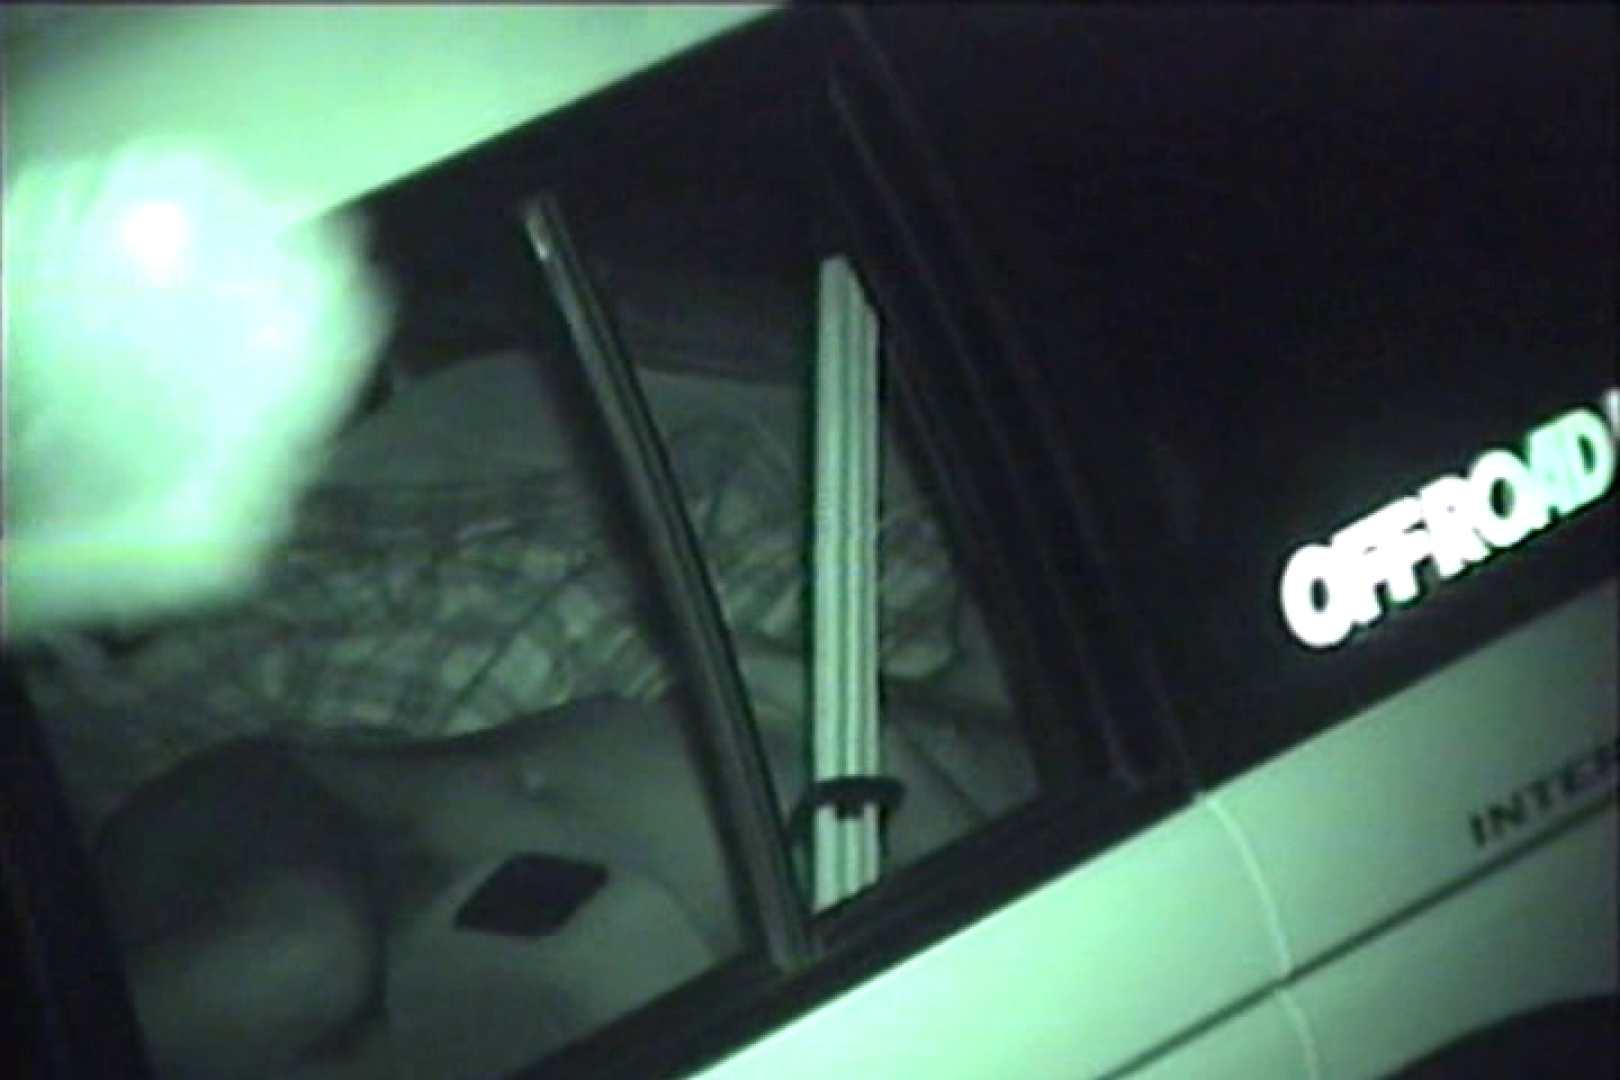 車の中はラブホテル 無修正版  Vol.17 美女OL アダルト動画キャプチャ 104連発 56